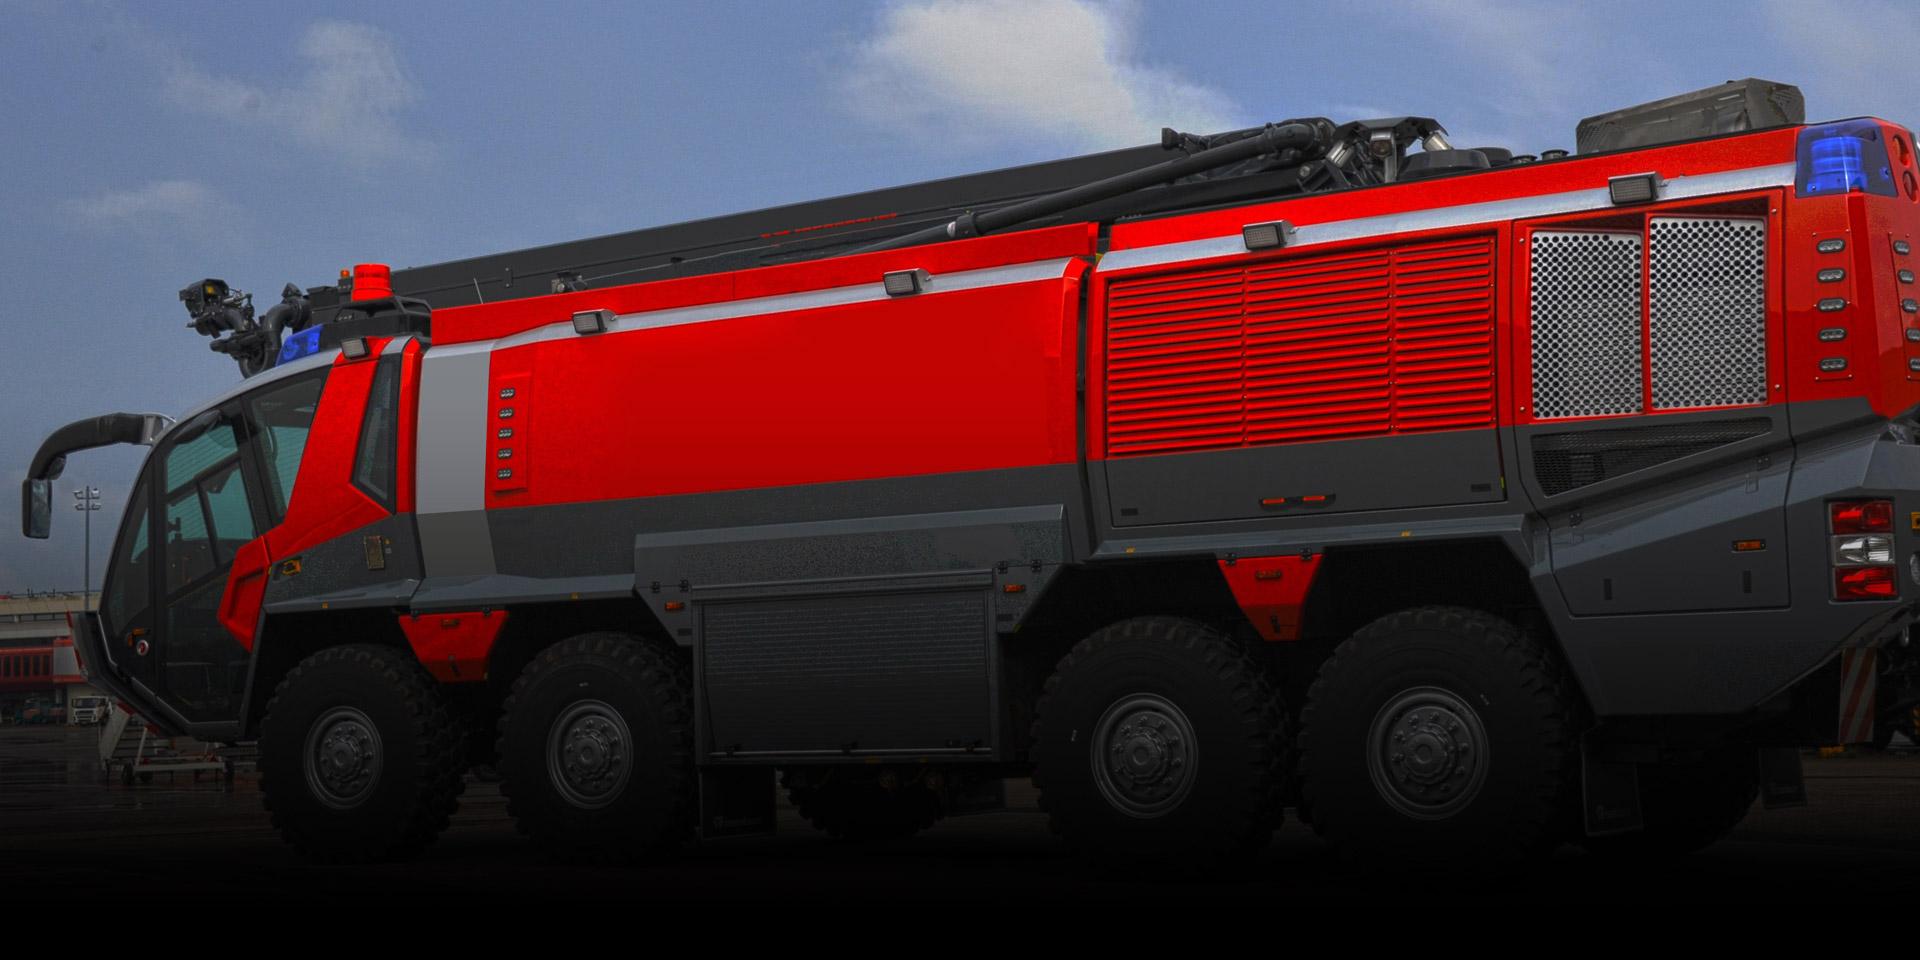 艾睿光电红外热成像仪应用于特种车辆